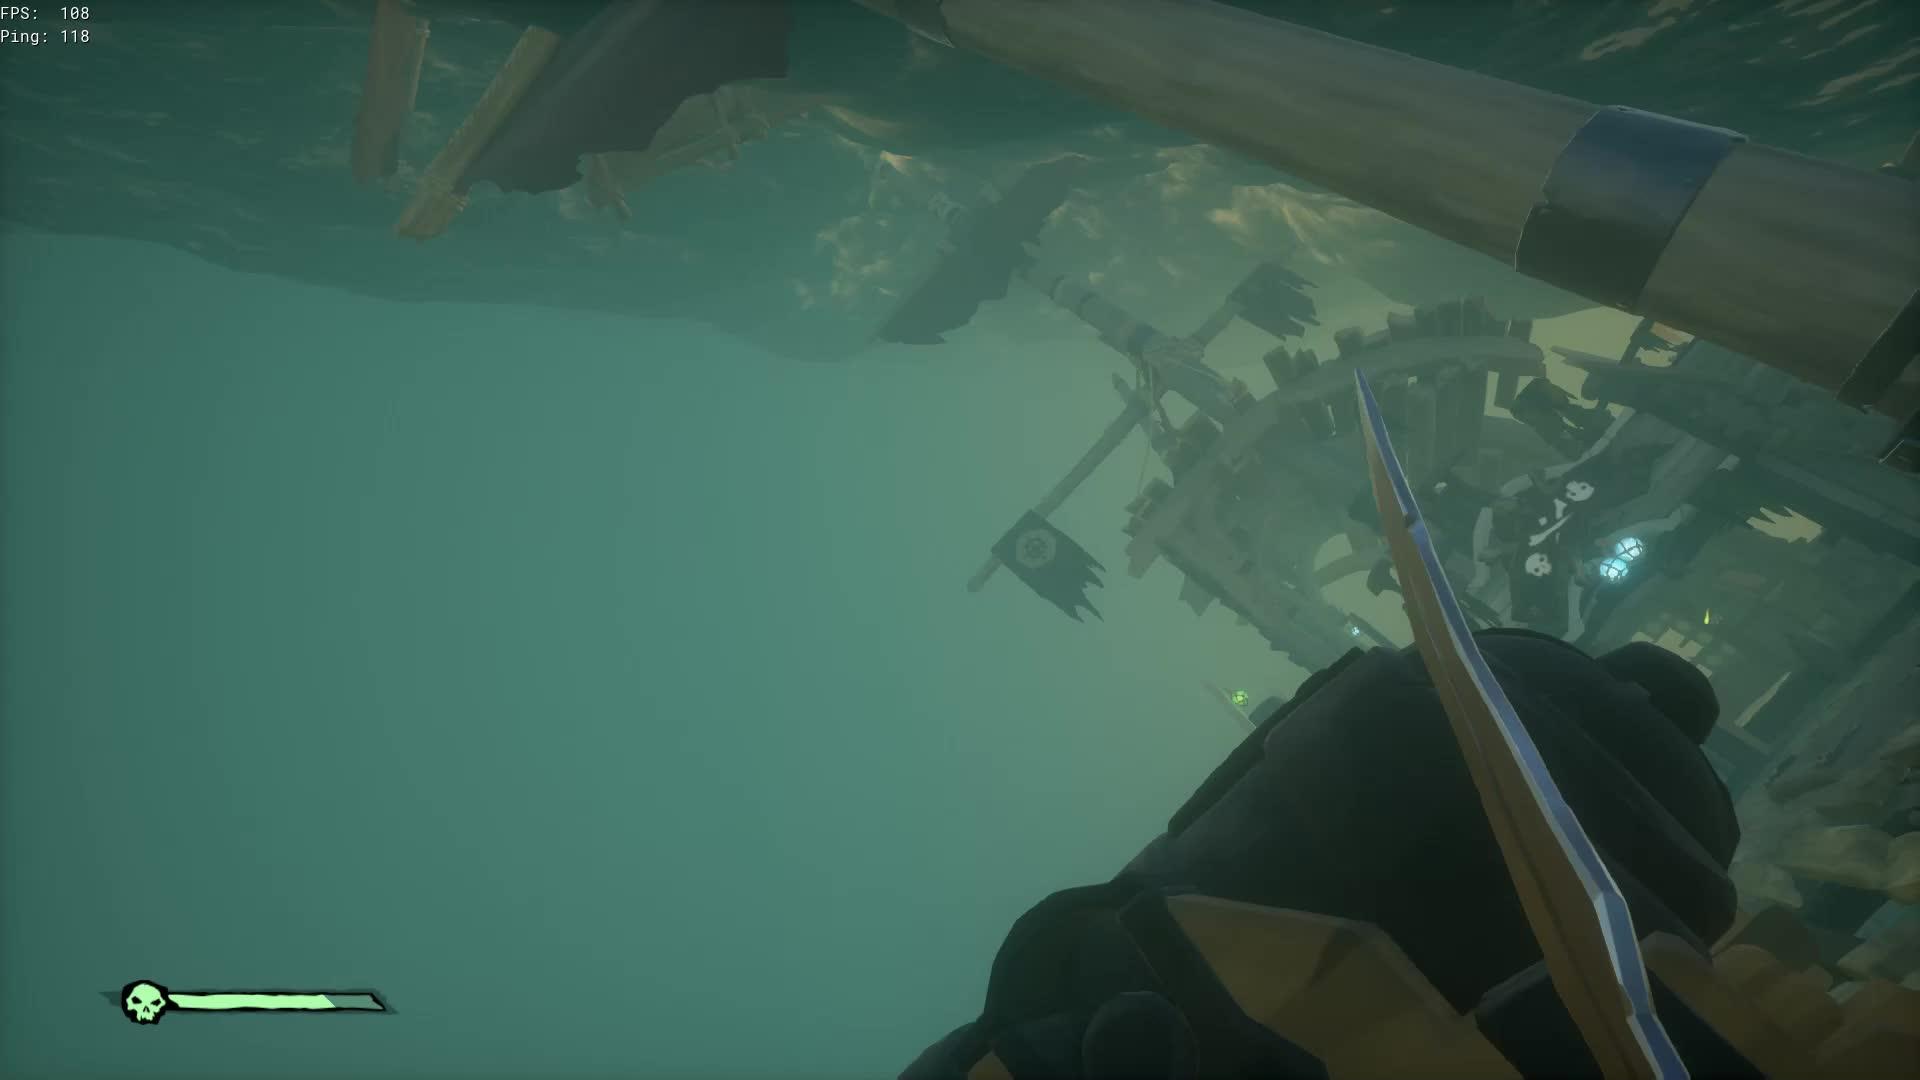 seaofthieves, Sea of Thieves 2019.01.28 - 23.56.03.09.DVR Trim GIFs